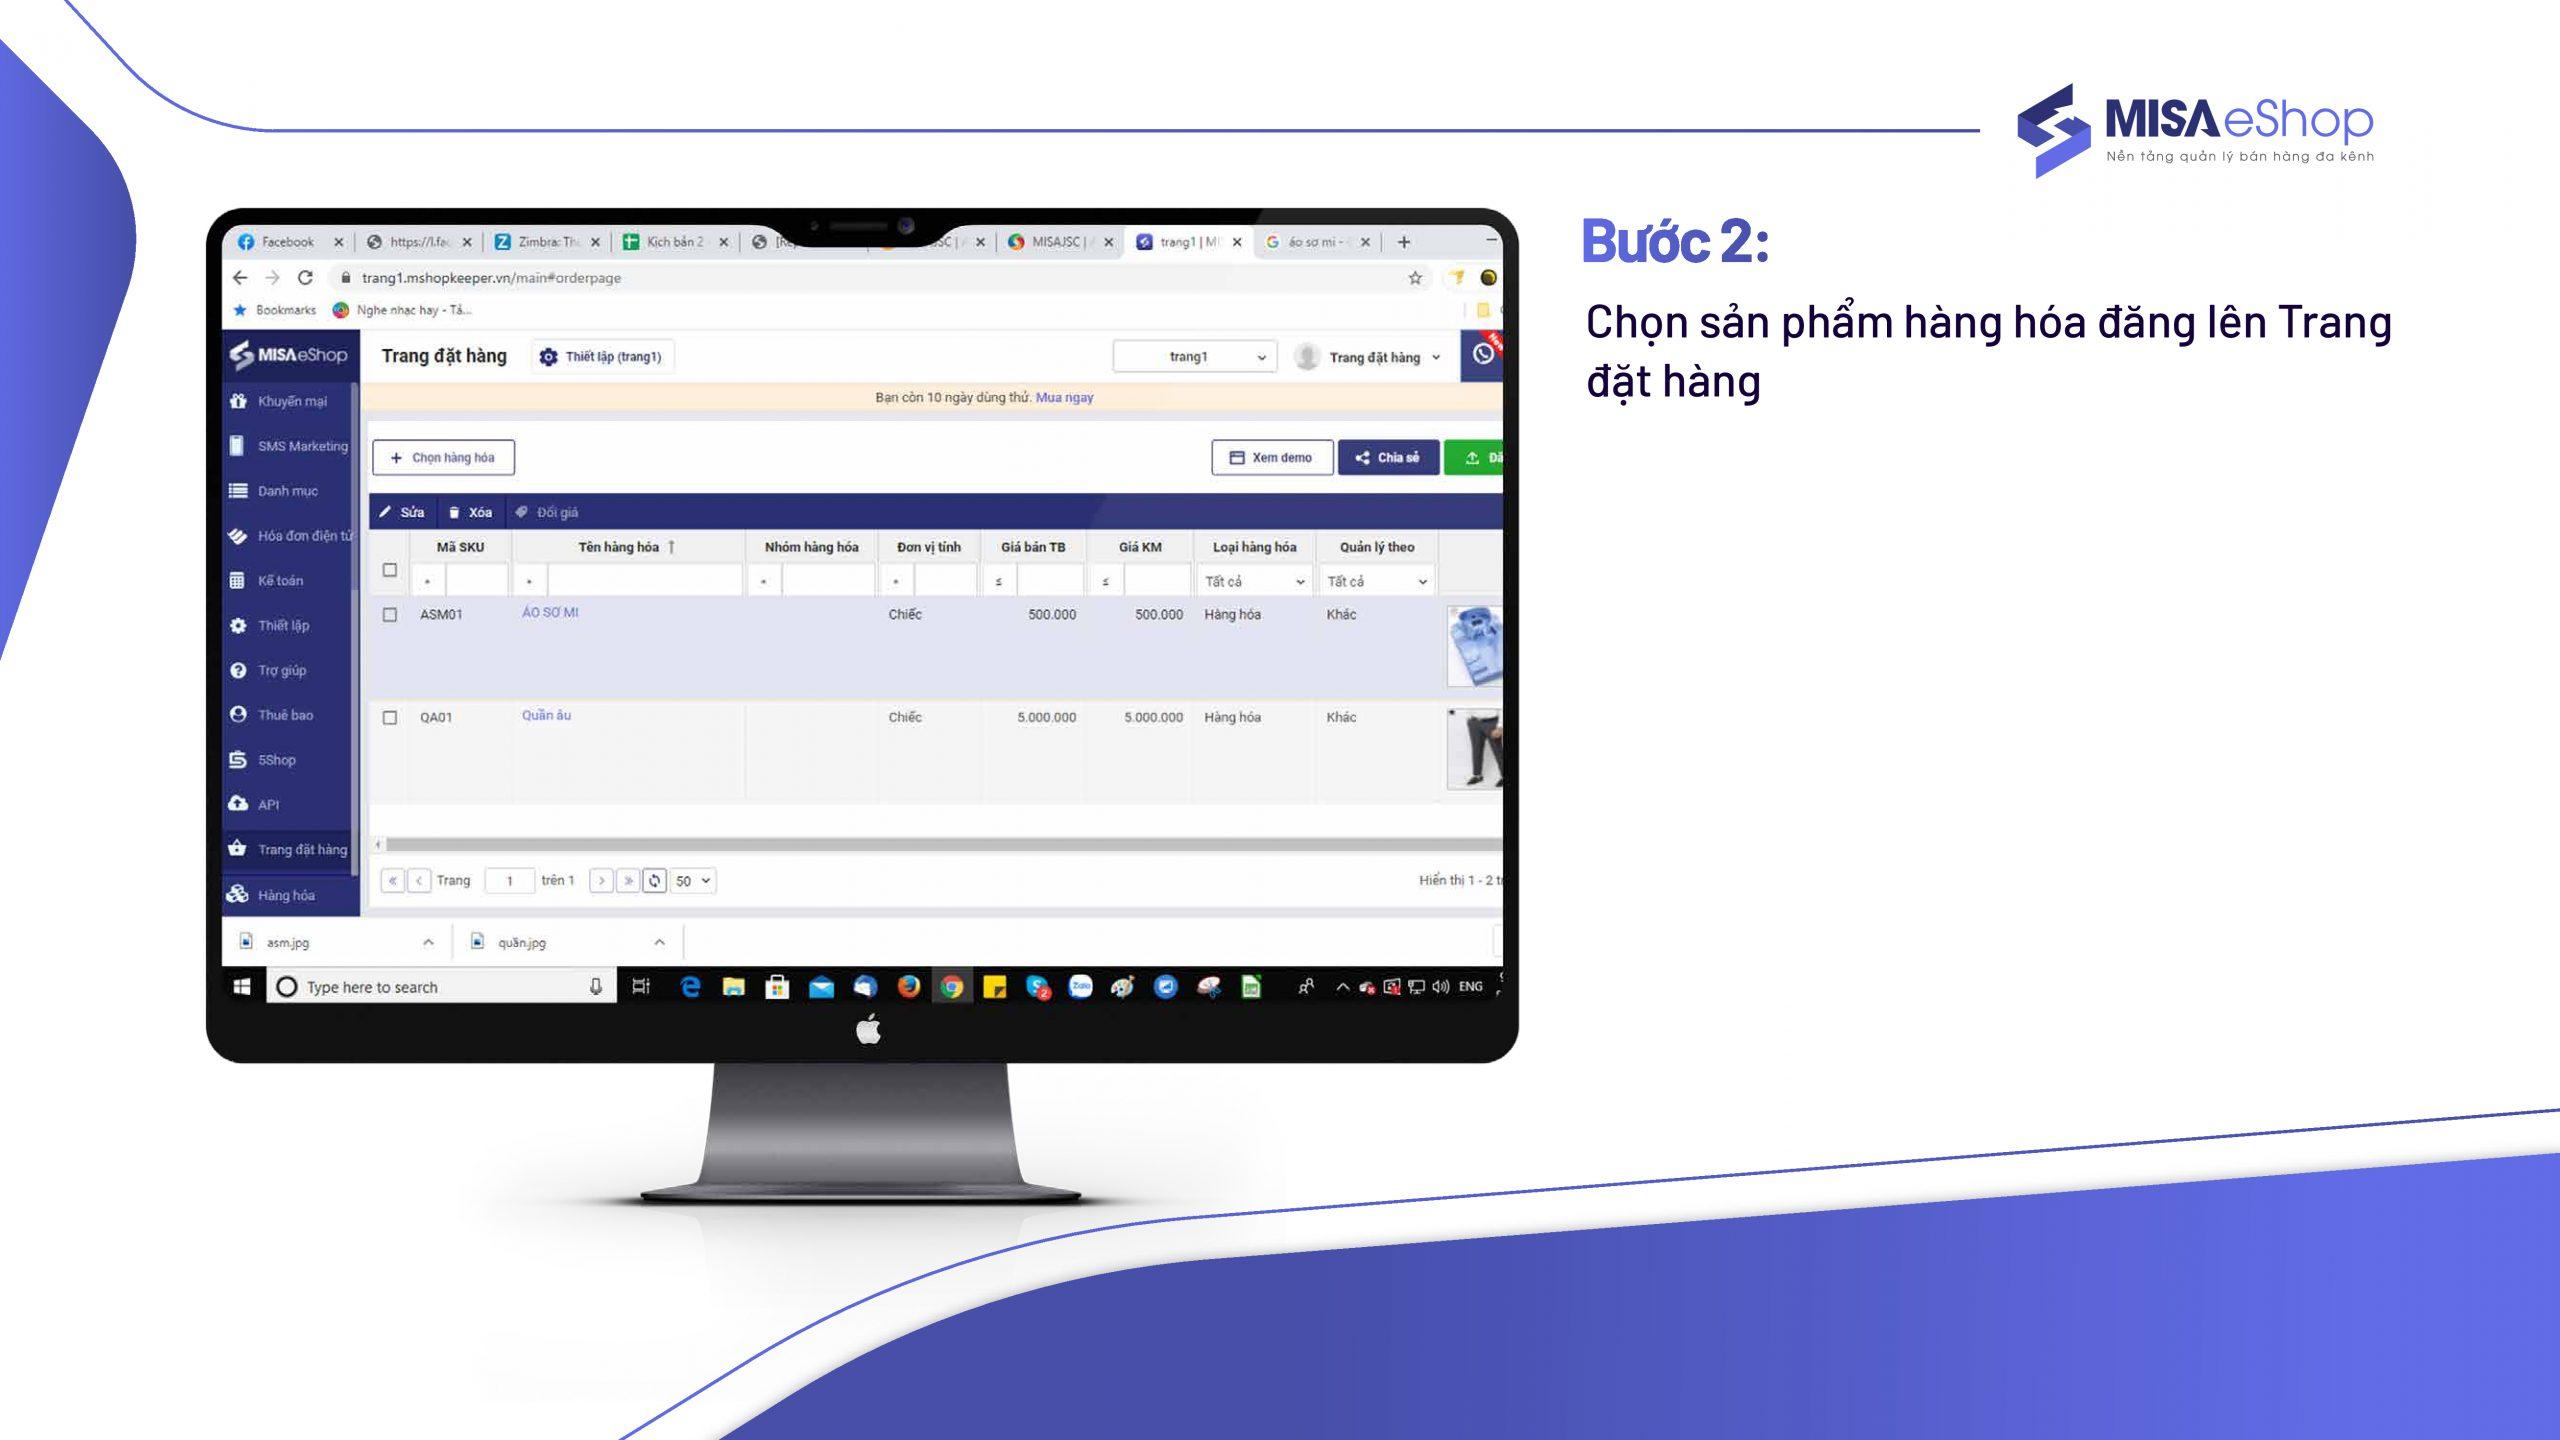 website đặt hàng online2